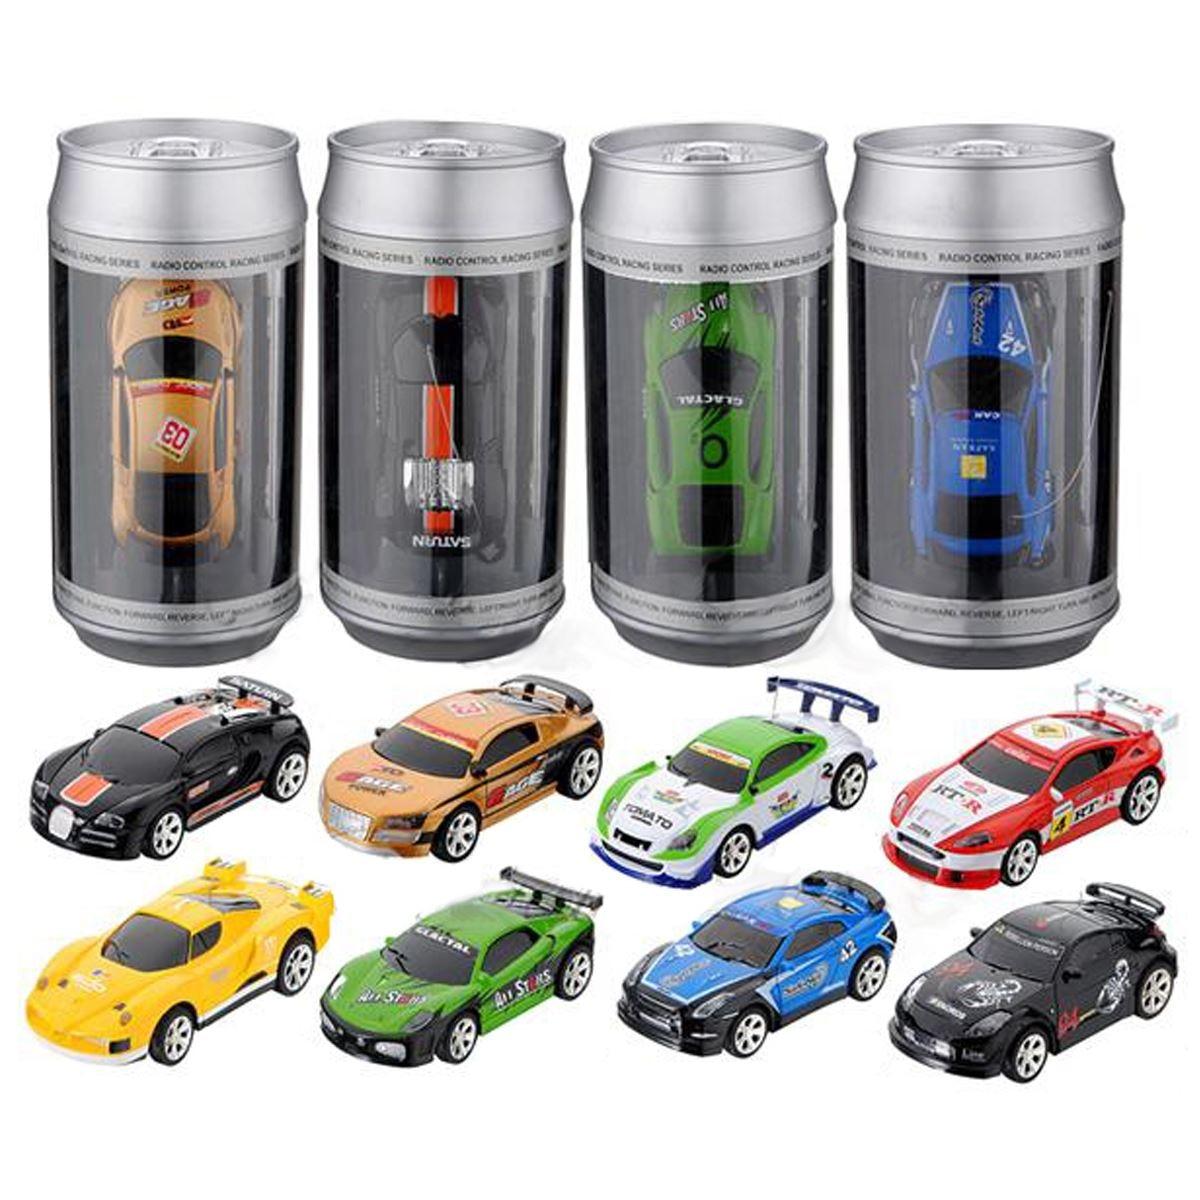 8 цветов Лидер продаж 20 км/ч кокса Мини RC автомобилей Радио Дистанционное управление Micro гоночный автомобиль 4 частоты игрушка для детей